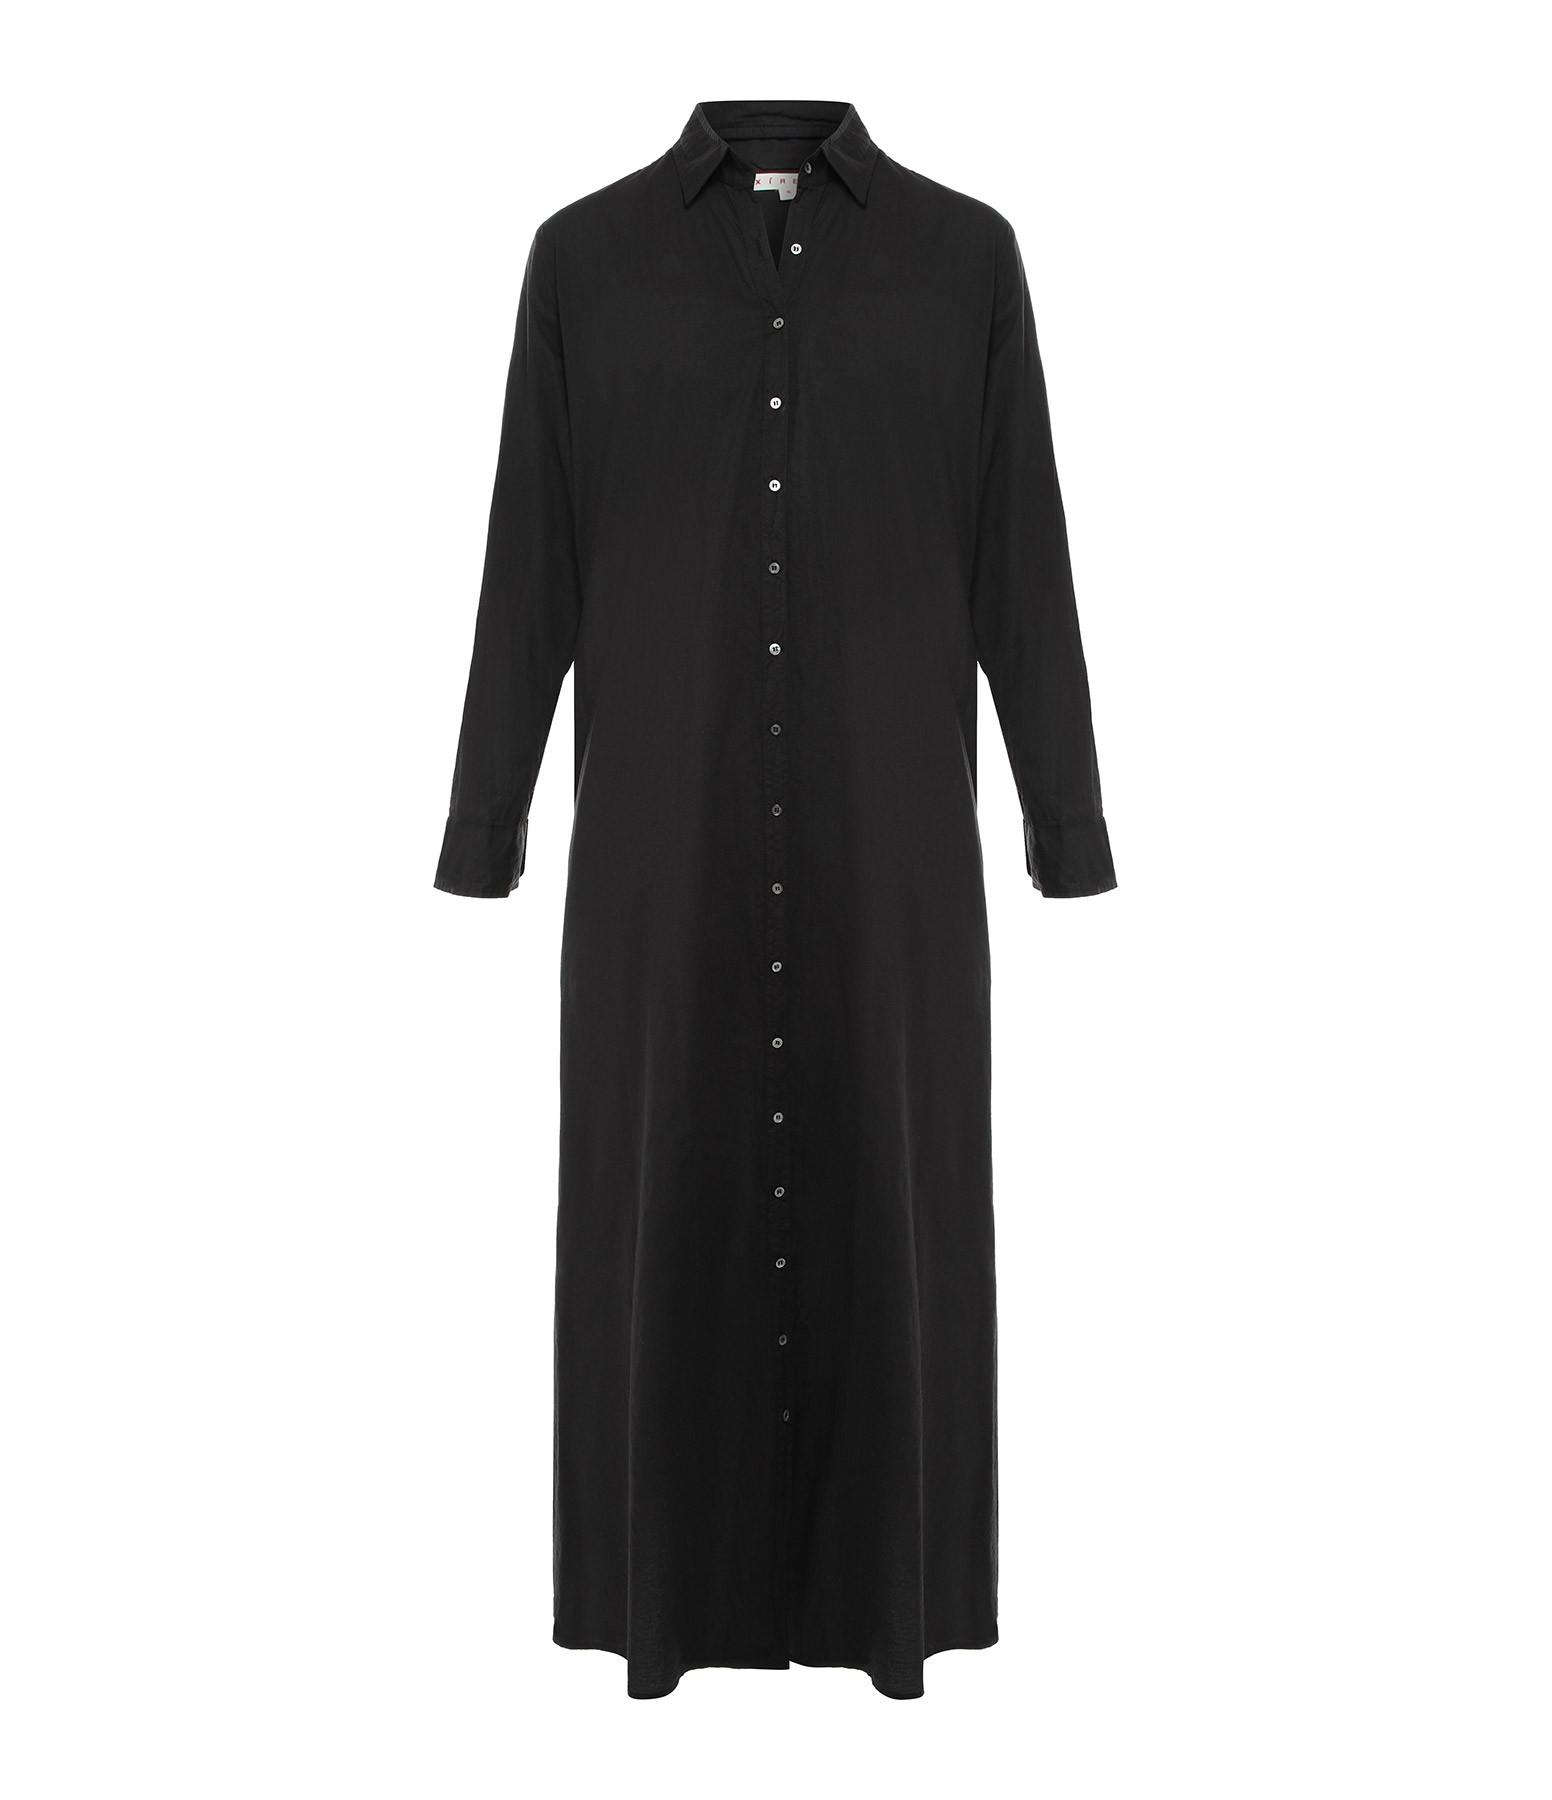 XIRENA - Robe Boden Noir